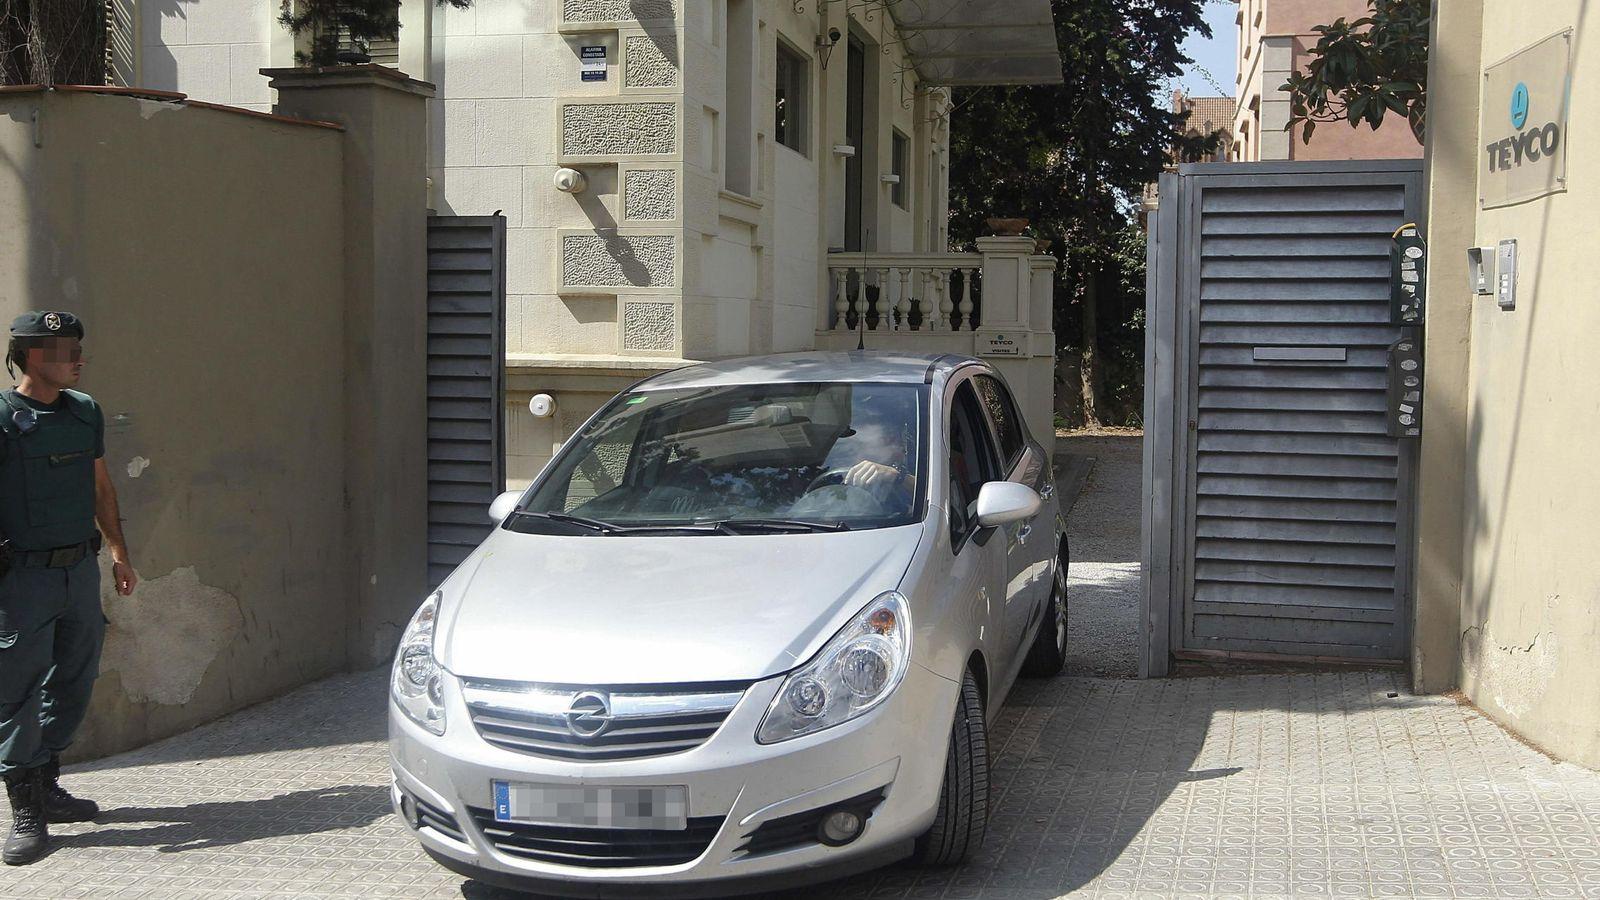 Foto: Un vehículo sale de la empresa Teyco durante el registro. (EFE)